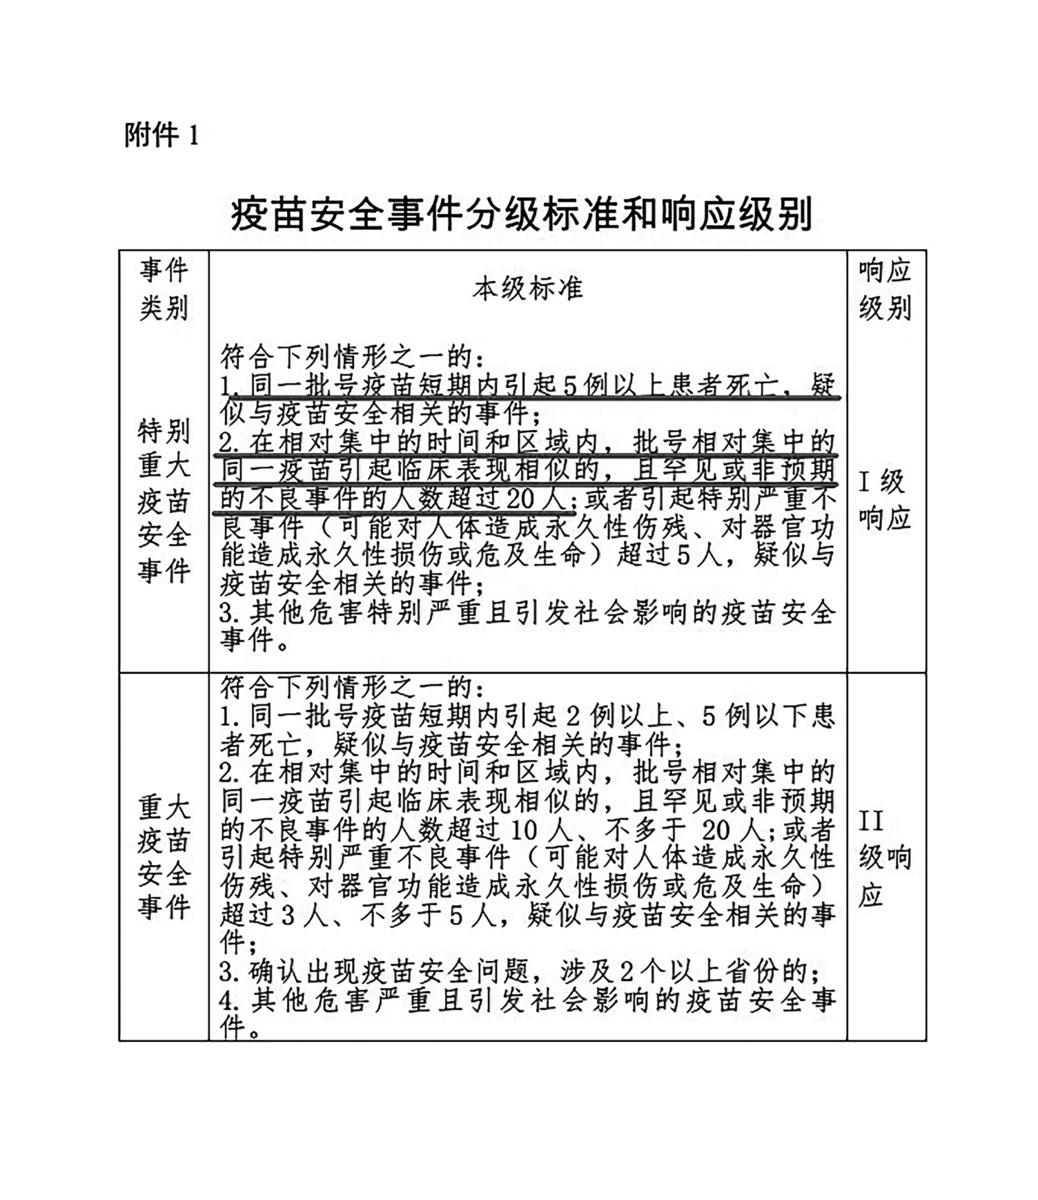 柳州疫苗應急預案通知附件截圖(大紀元)